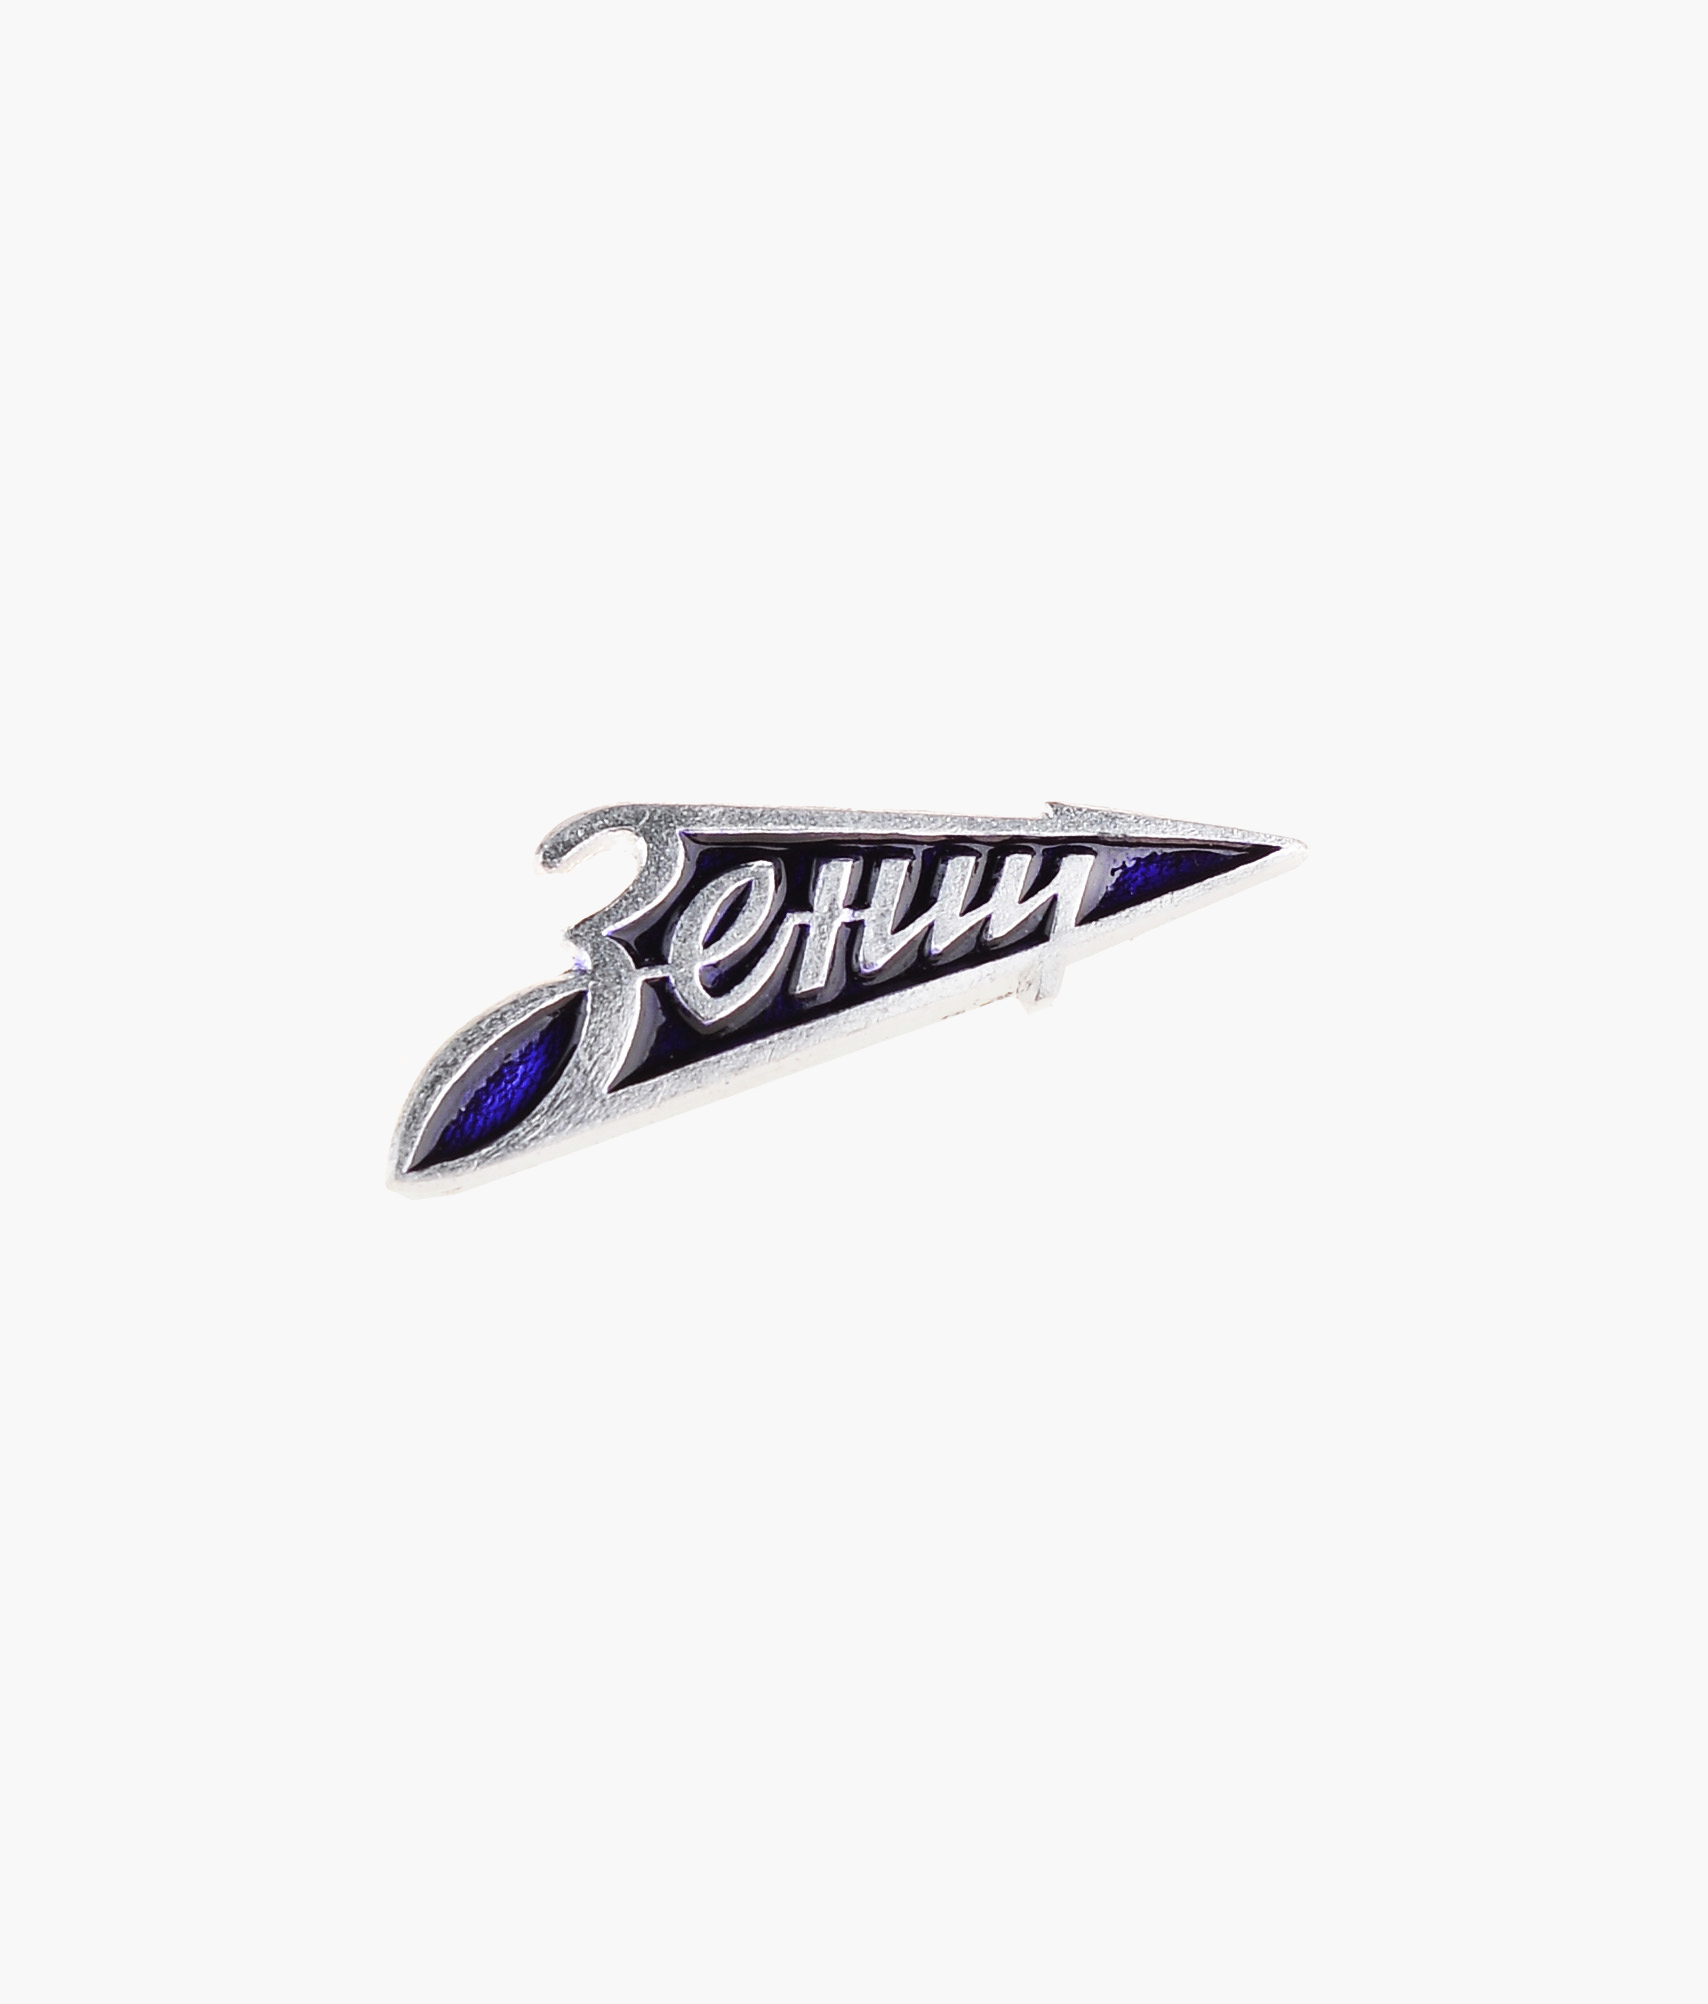 Значок «Стрелка» Зенит значок закатной эмблема чемпионата мира 2018 зенит